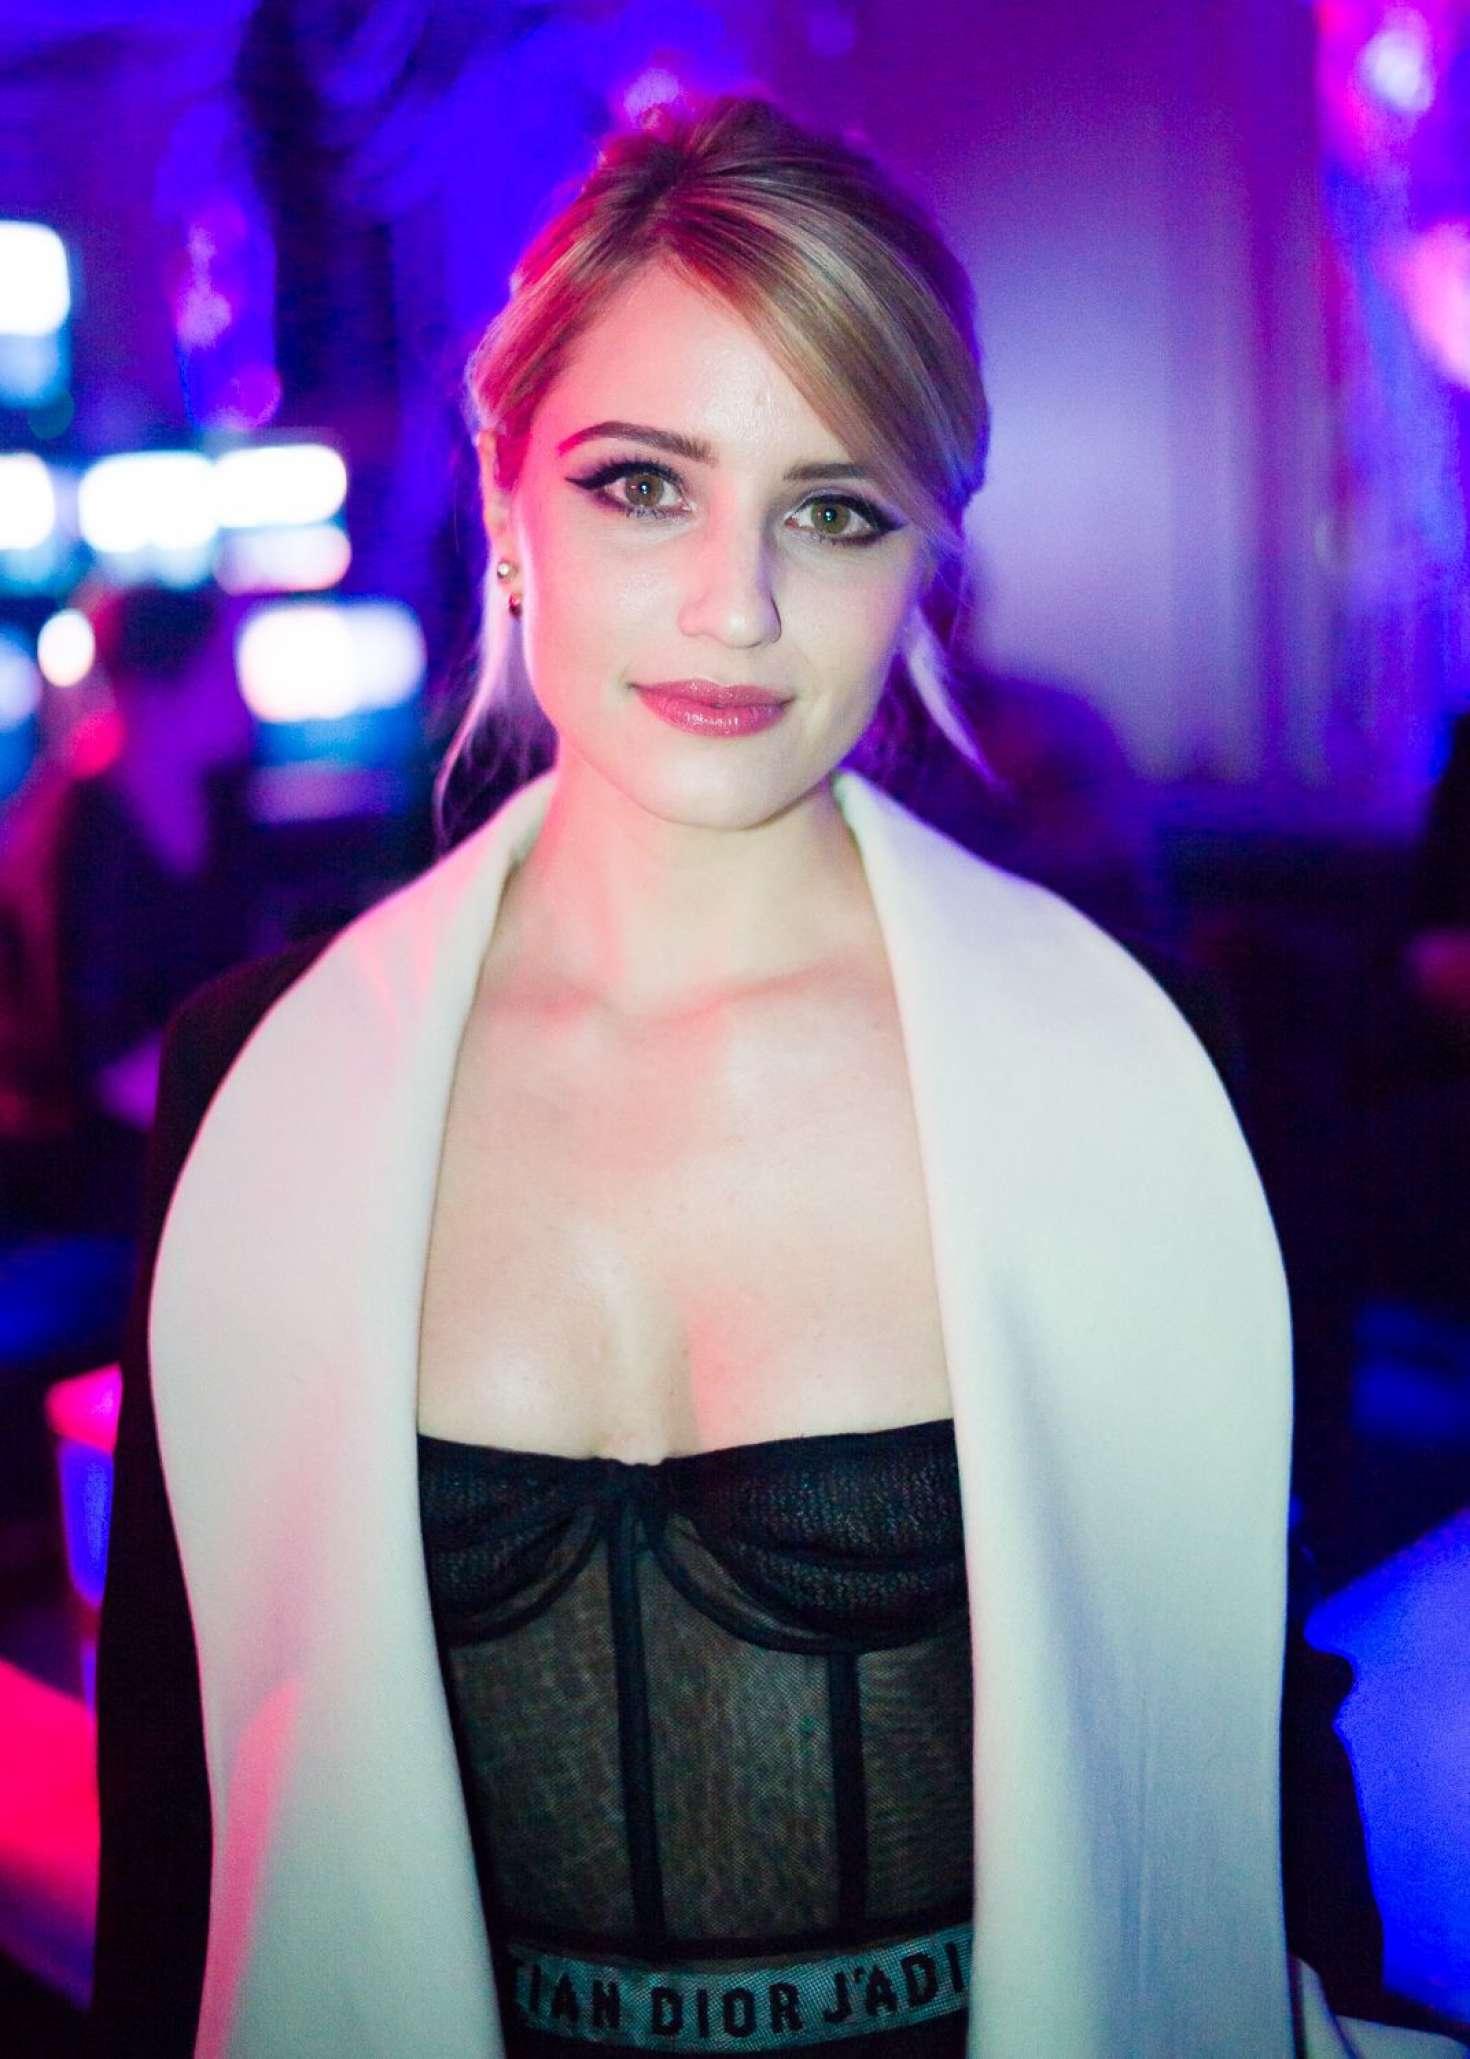 Dianna agron at dior celebrates poison girl in new york nude (43 photo), Paparazzi Celebrites photos